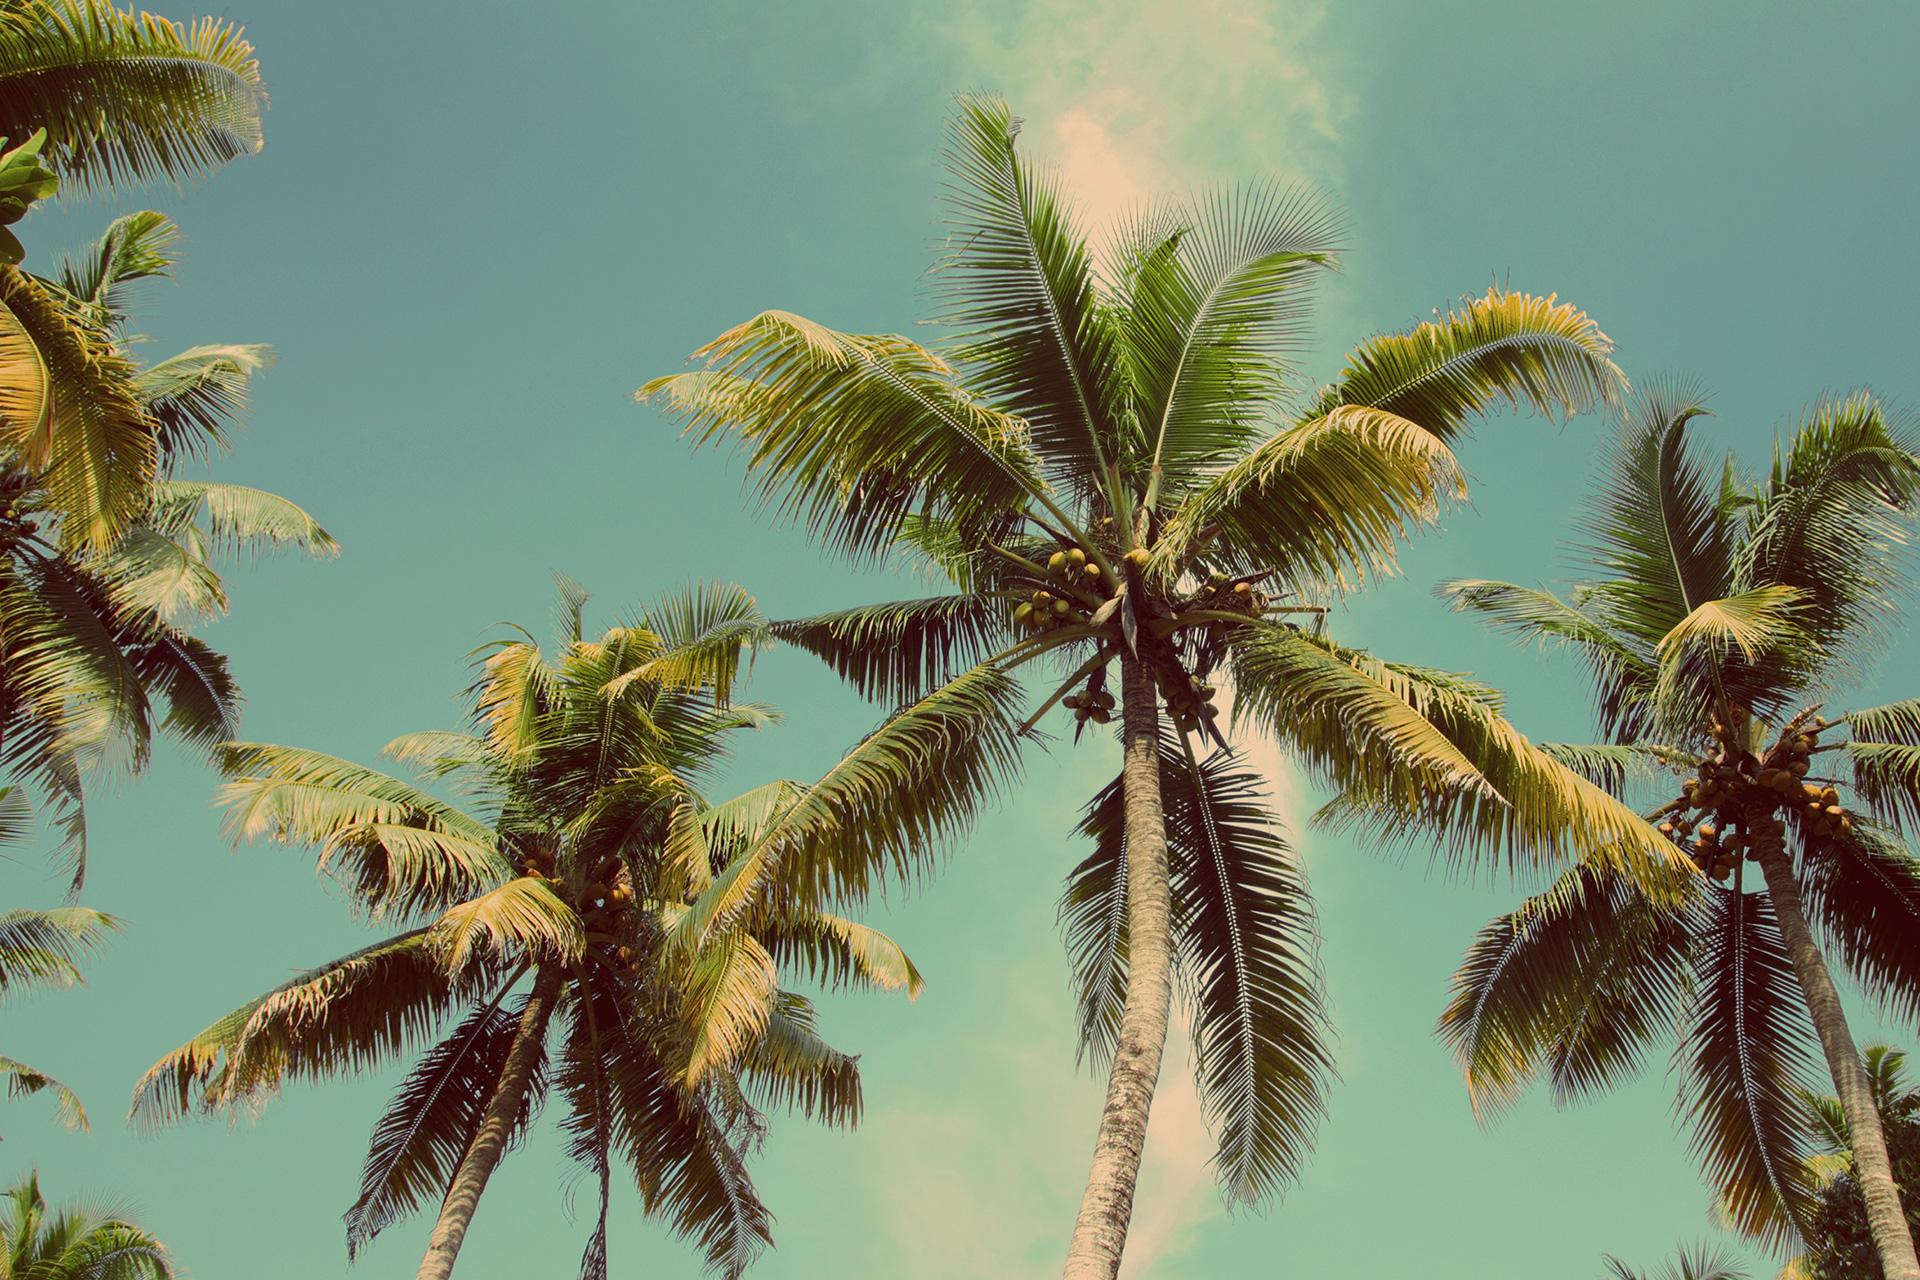 En palme